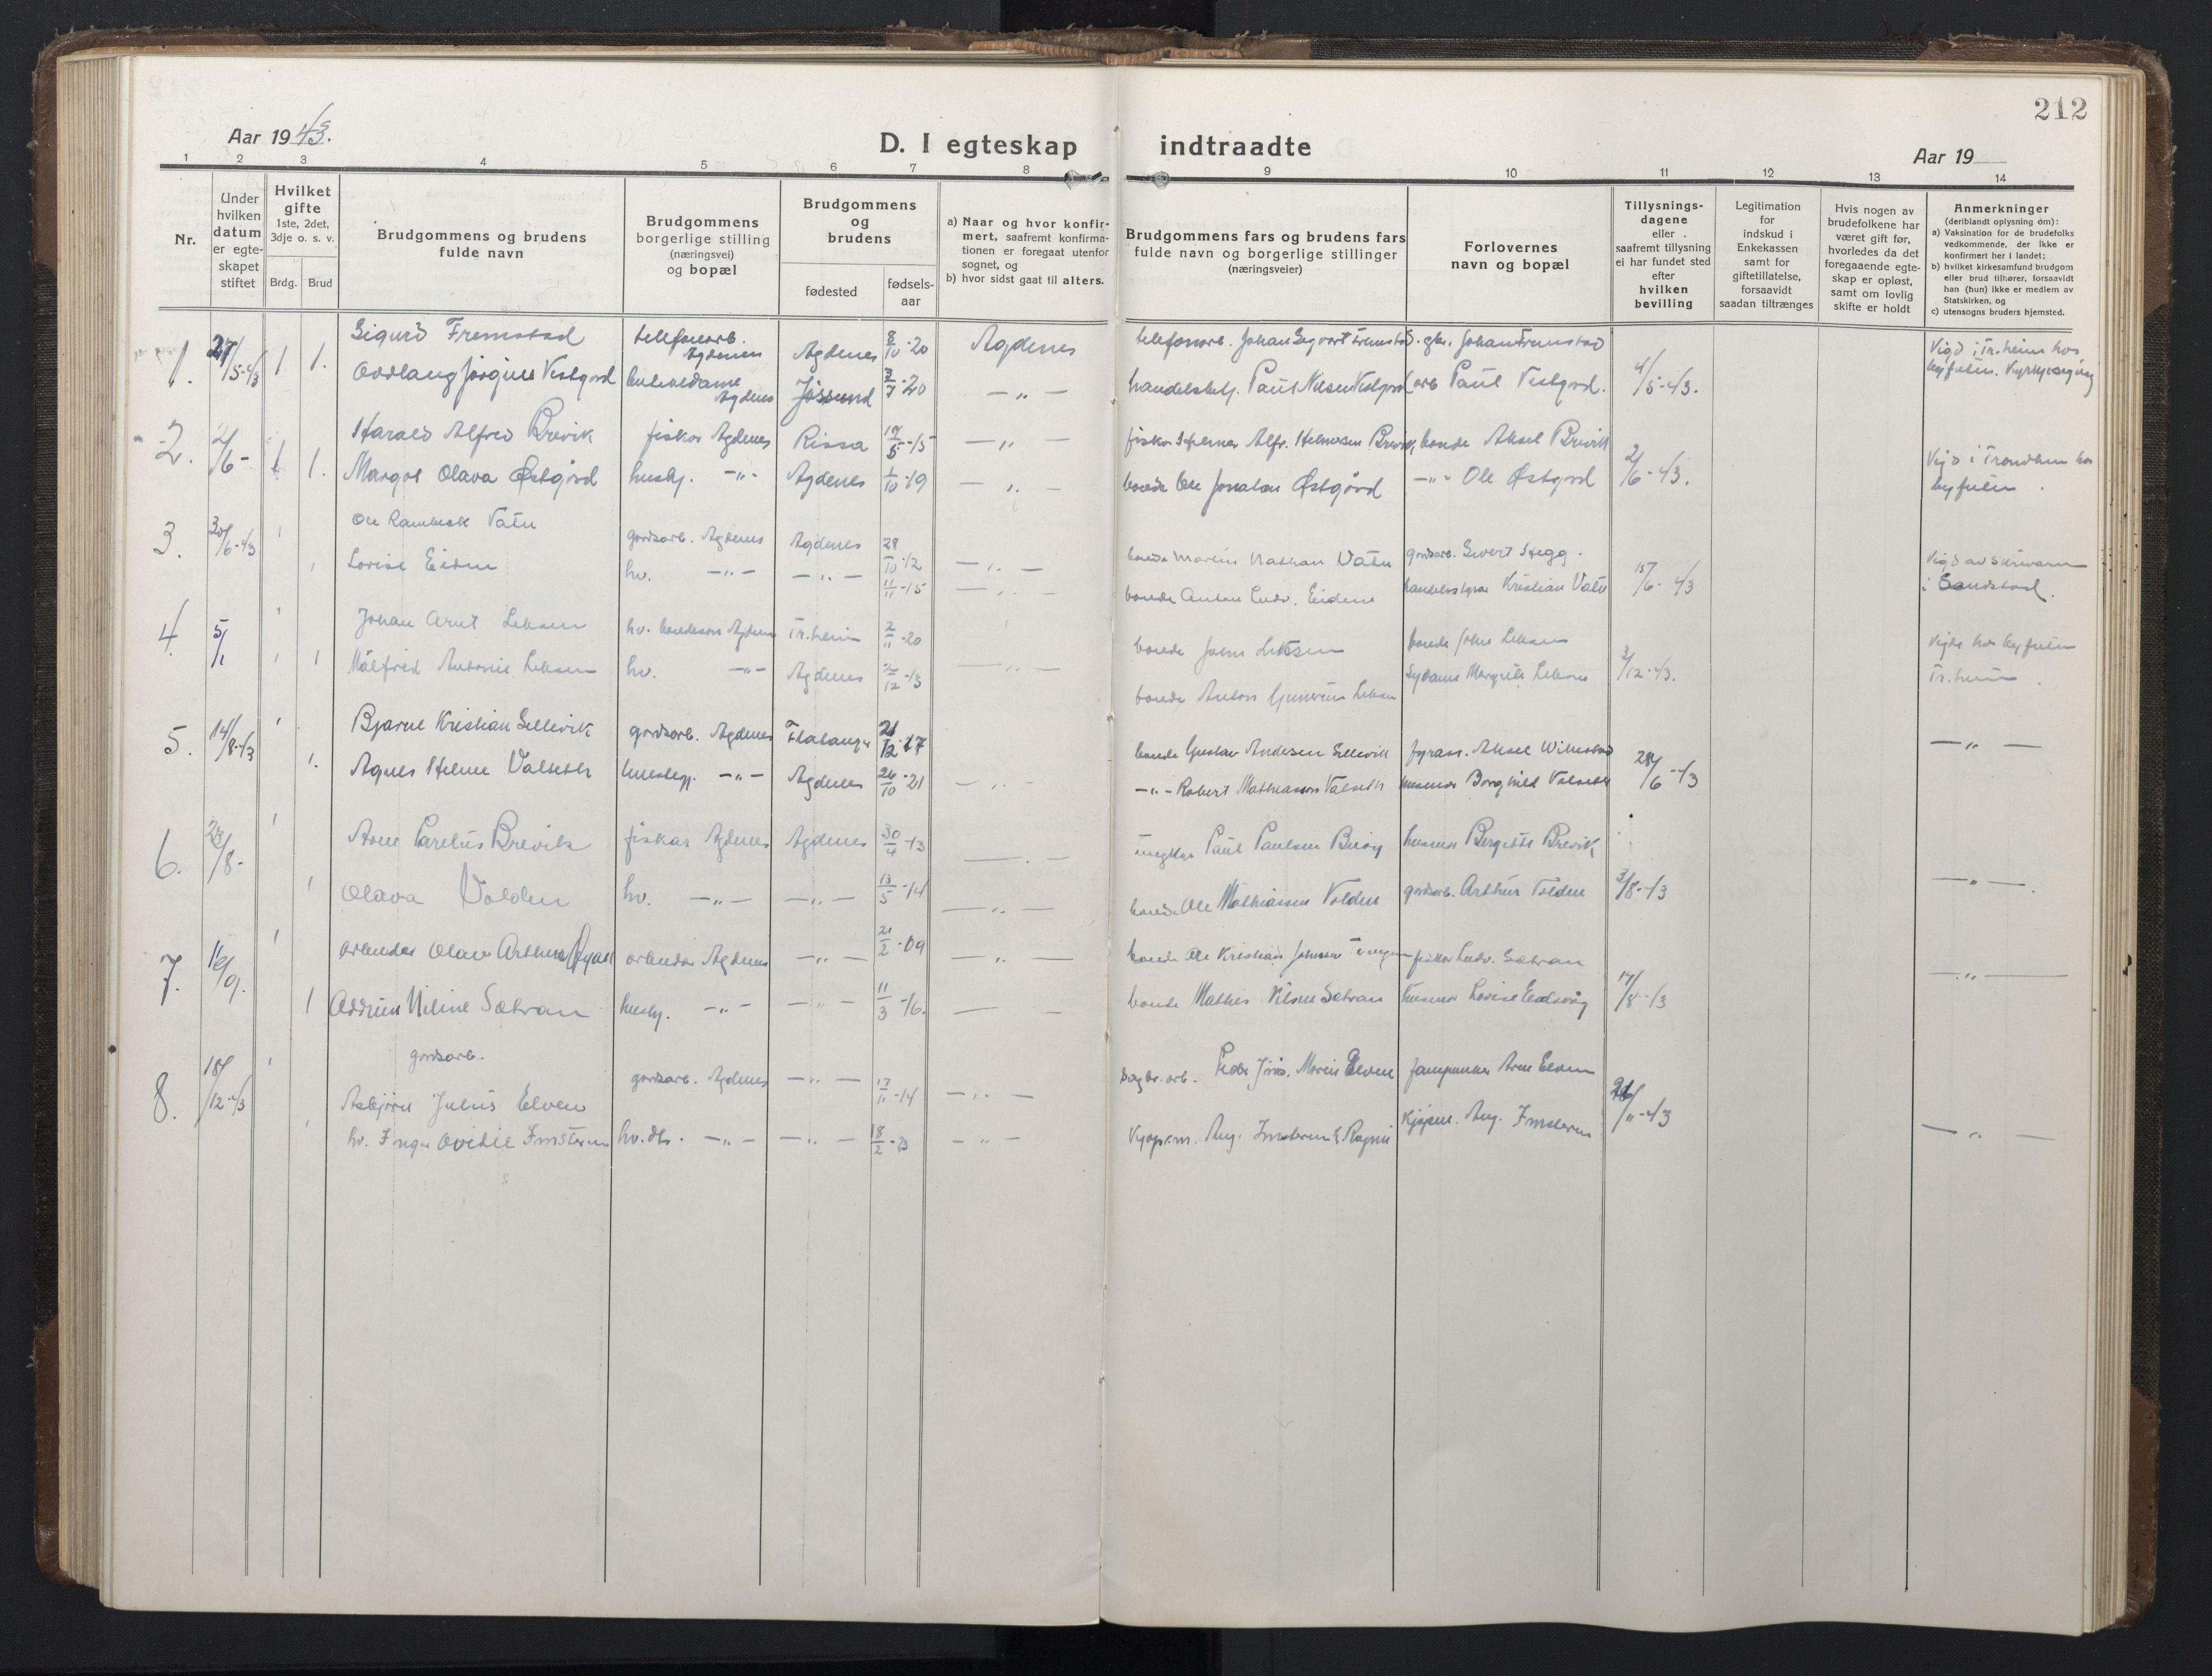 SAT, Ministerialprotokoller, klokkerbøker og fødselsregistre - Sør-Trøndelag, 662/L0758: Klokkerbok nr. 662C03, 1918-1948, s. 212